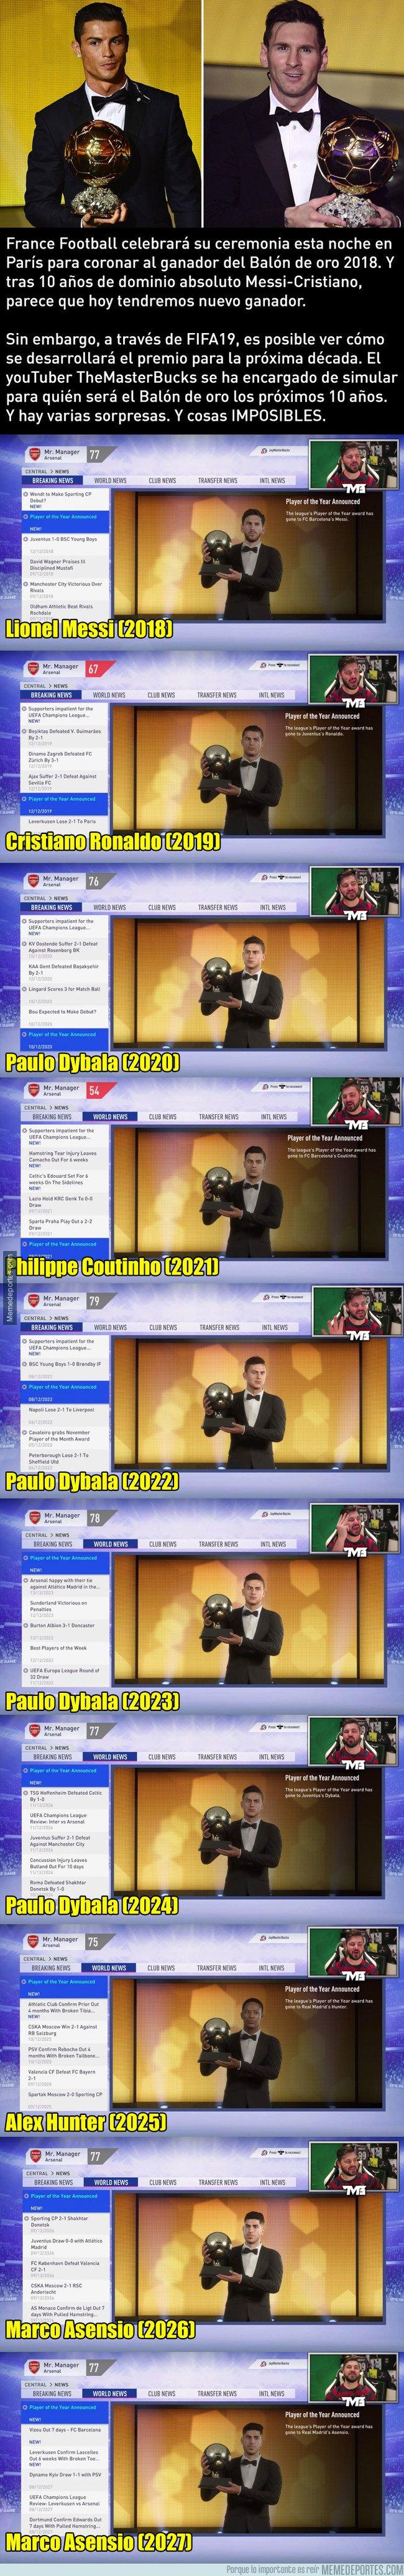 1057984 - El FIFA19 predice el ganador del balón de oro para los próximos 10 años